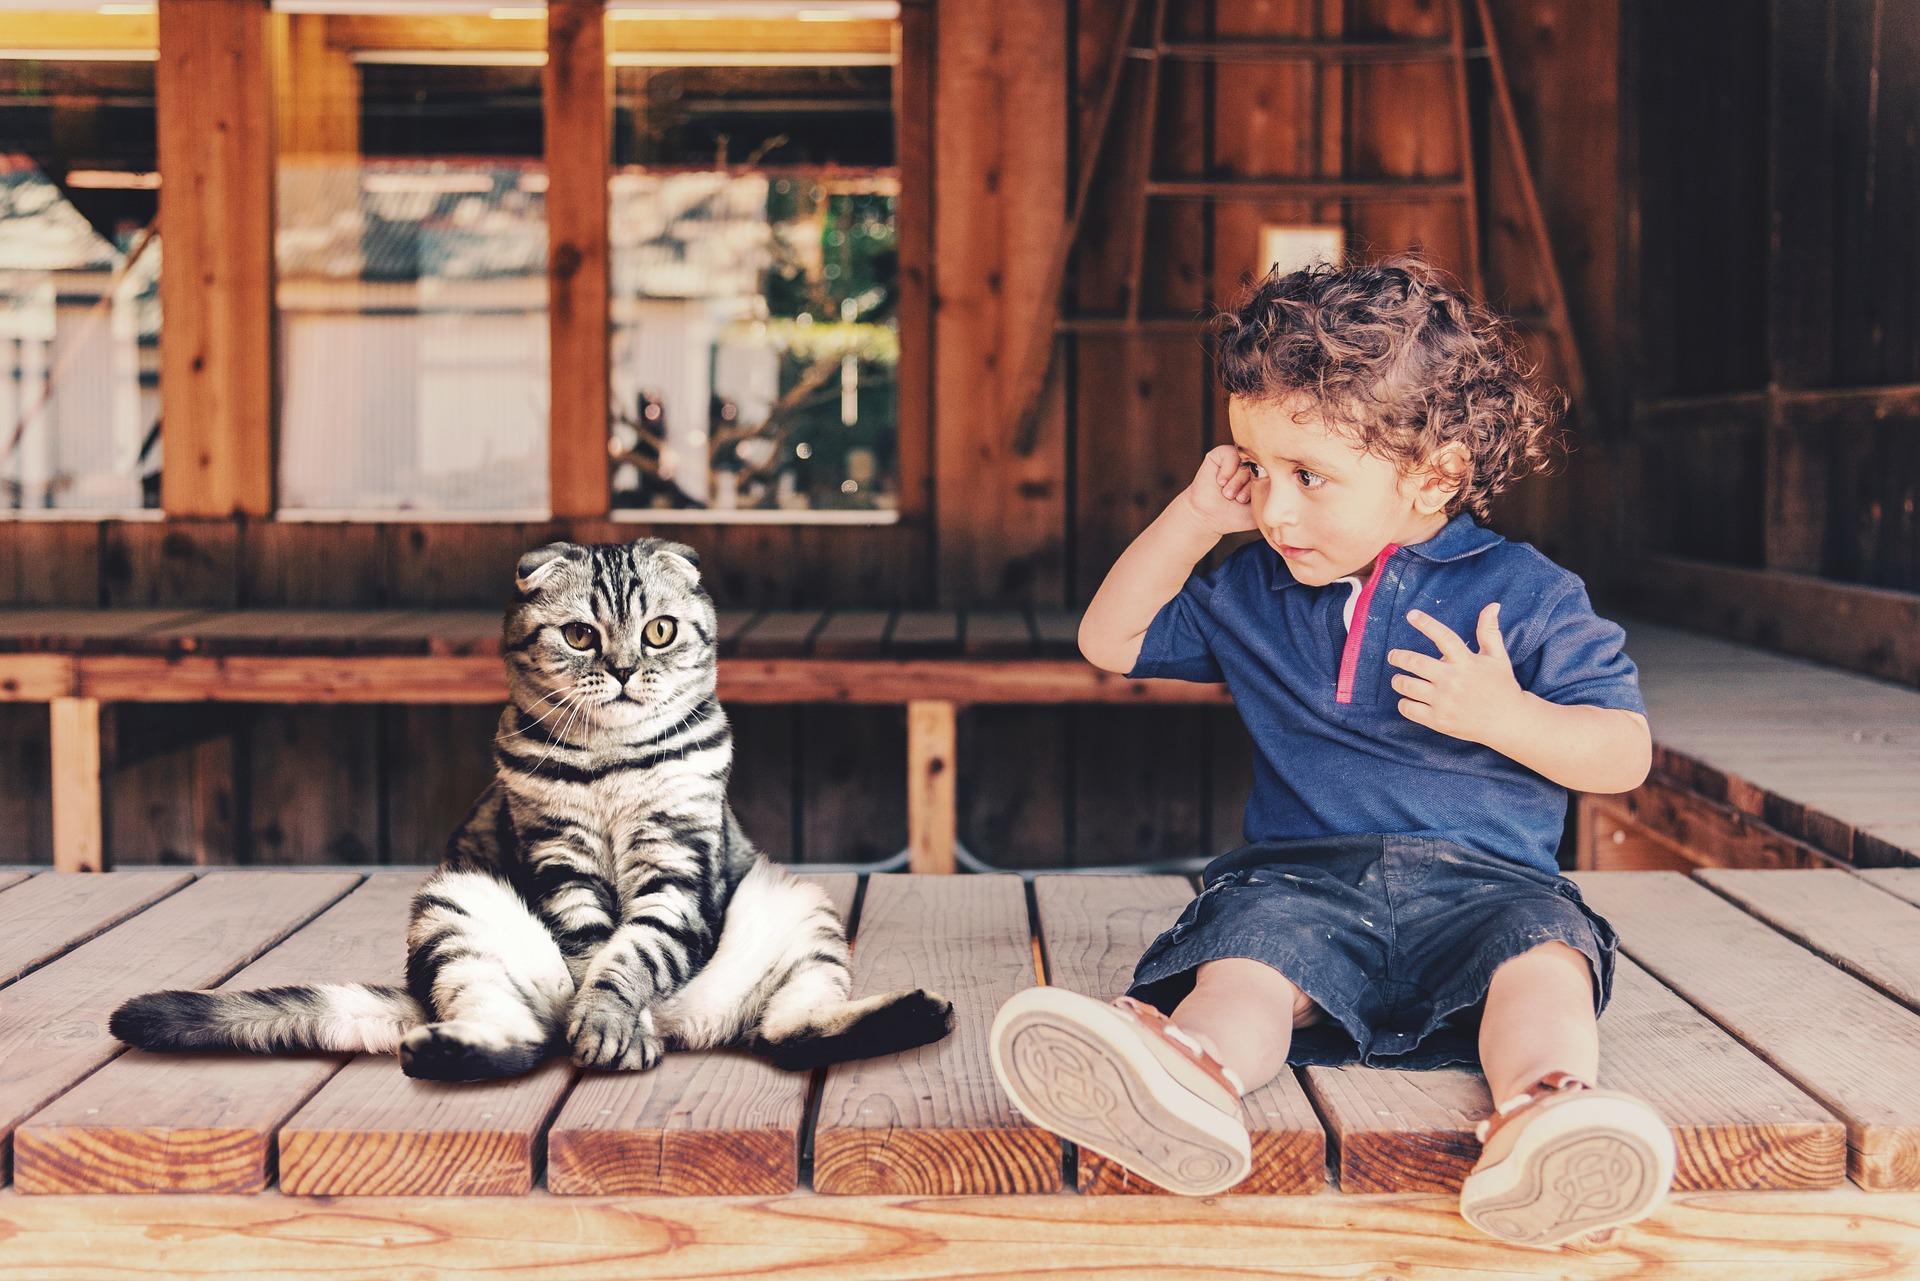 Dziecko od najmłodszych lat powinno być uczone szacunku do zwierząt i umiejętnego okazywania im uczuć. Idealna rasa kota dla dziecka nie istnieje, należy kierować się rozsądkiem i nauczyć dziecko obchodzenia ze zwierzętami, a wtedy stworzą silną i piękną więź.